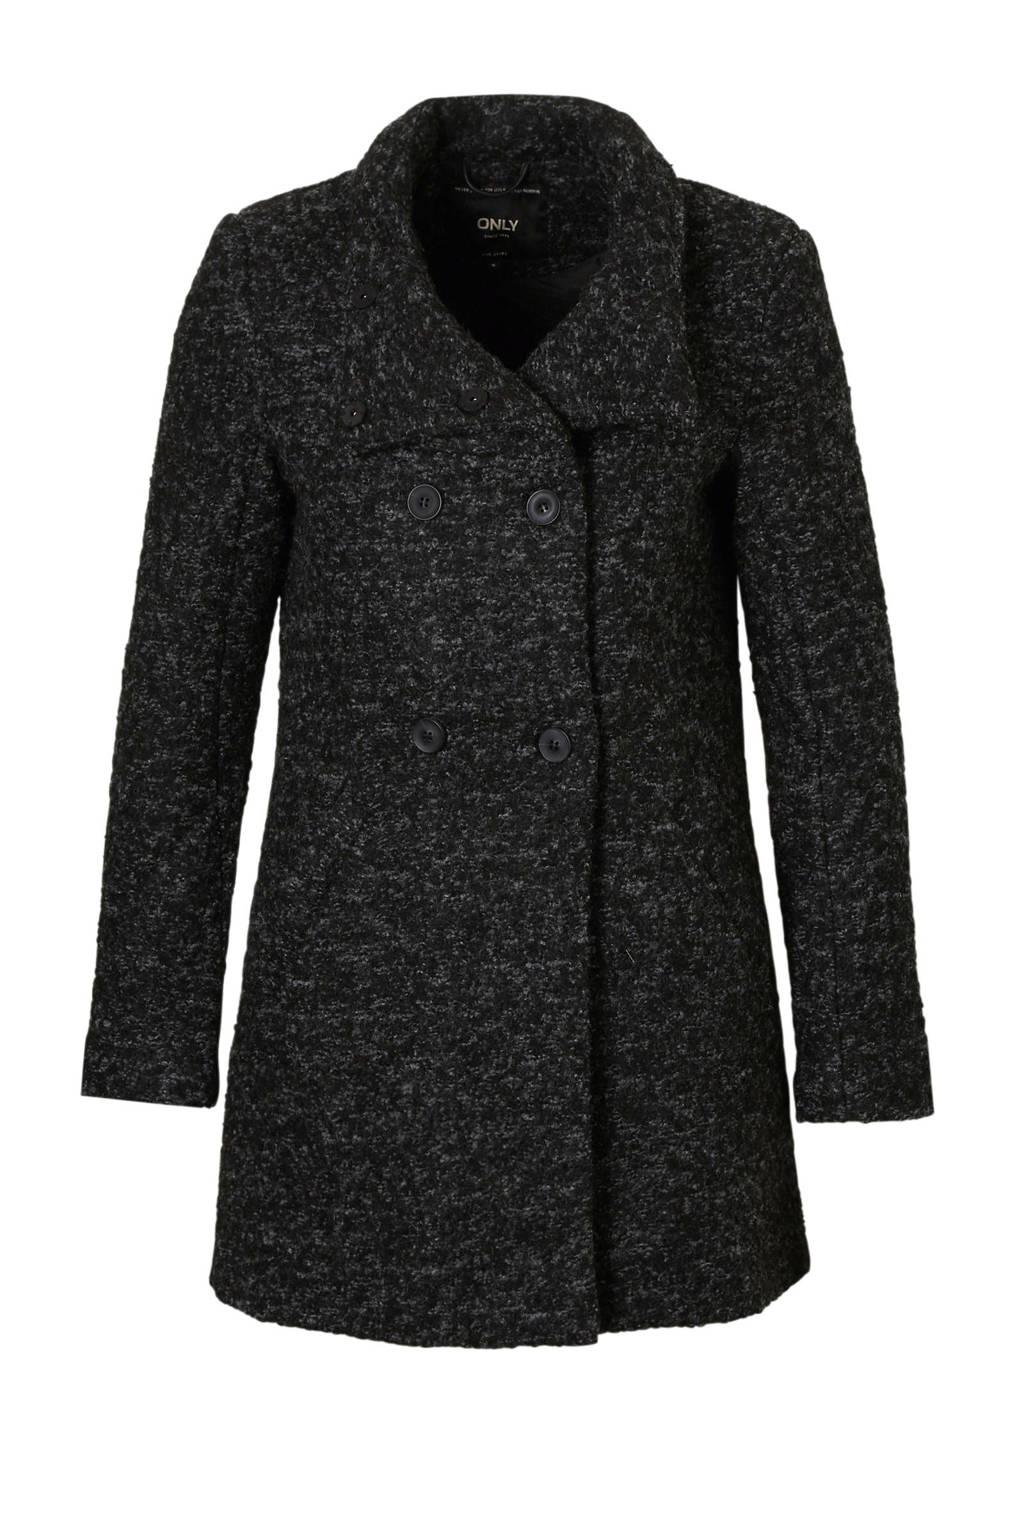 ONLY coat, Zwart/grijs